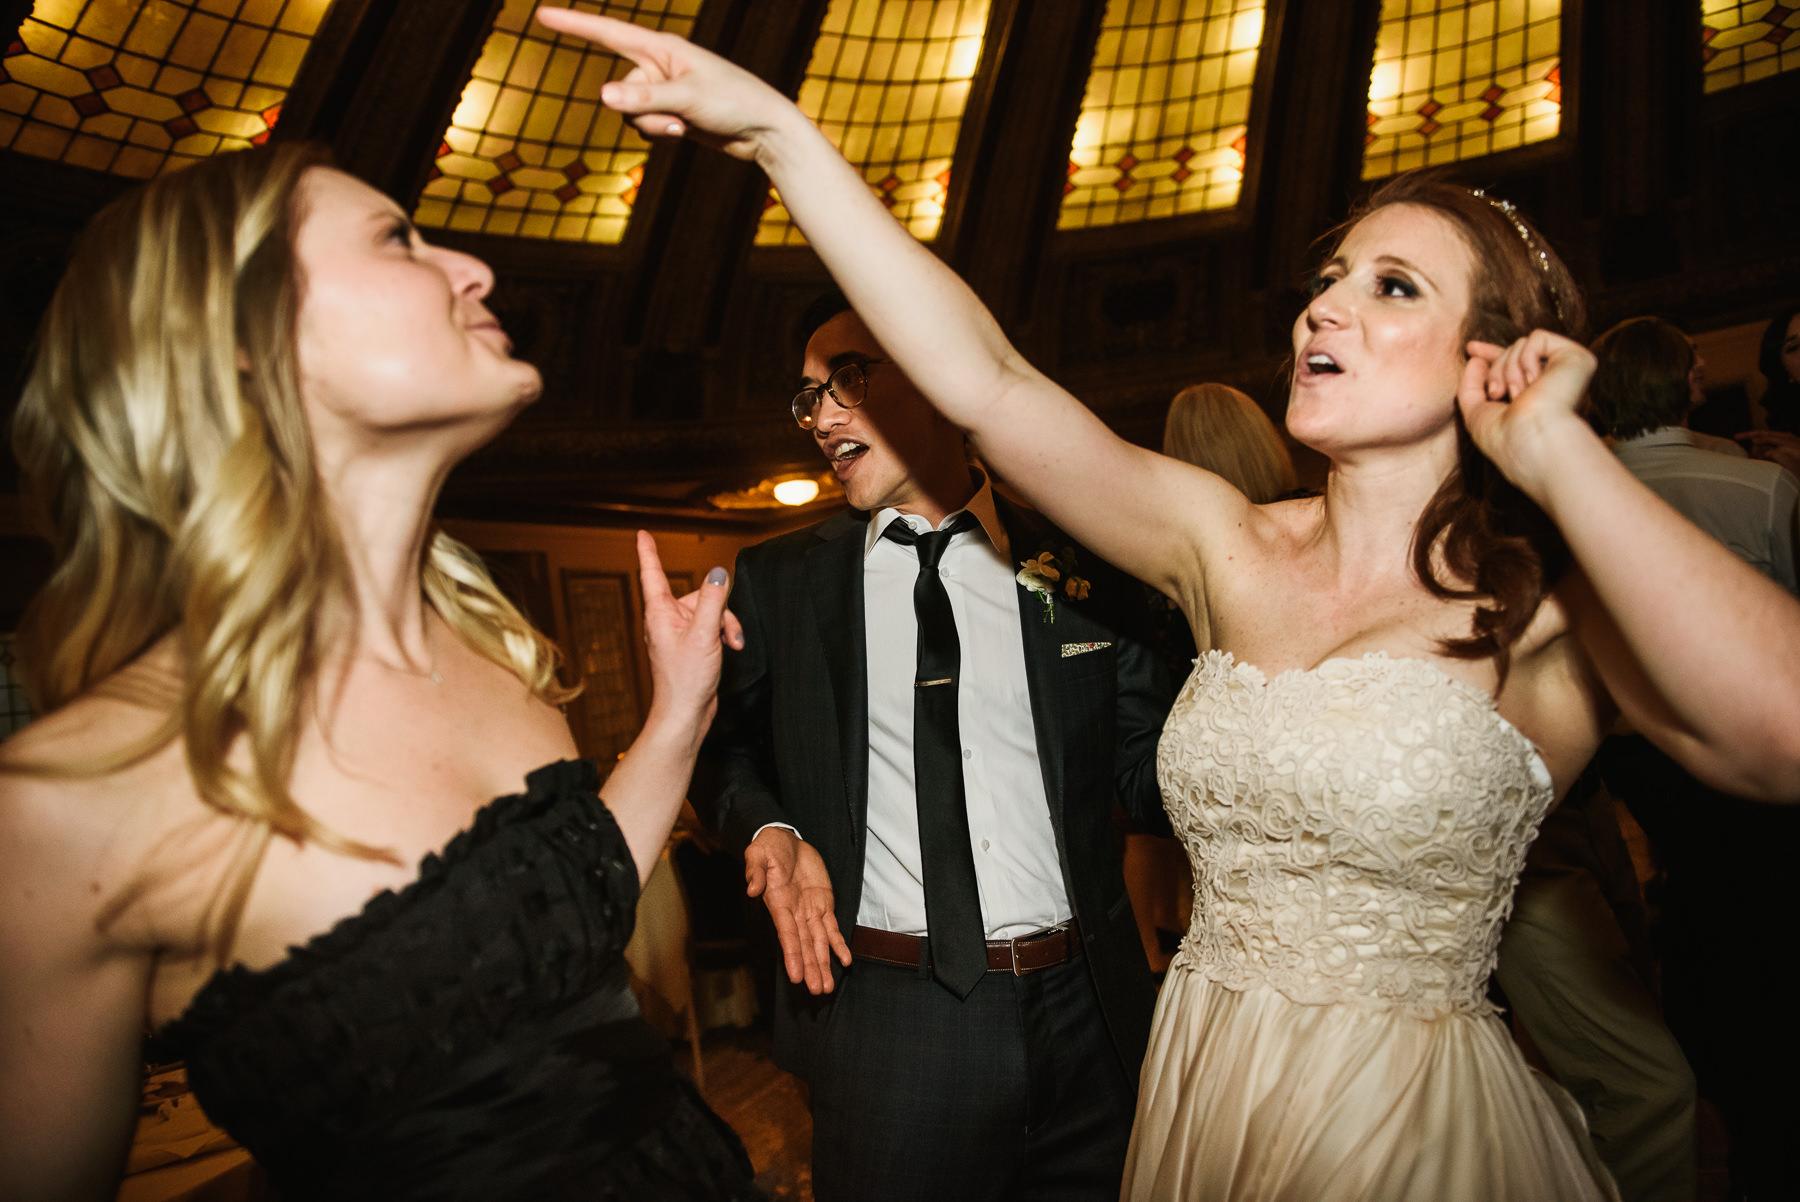 arctic club bride dance party